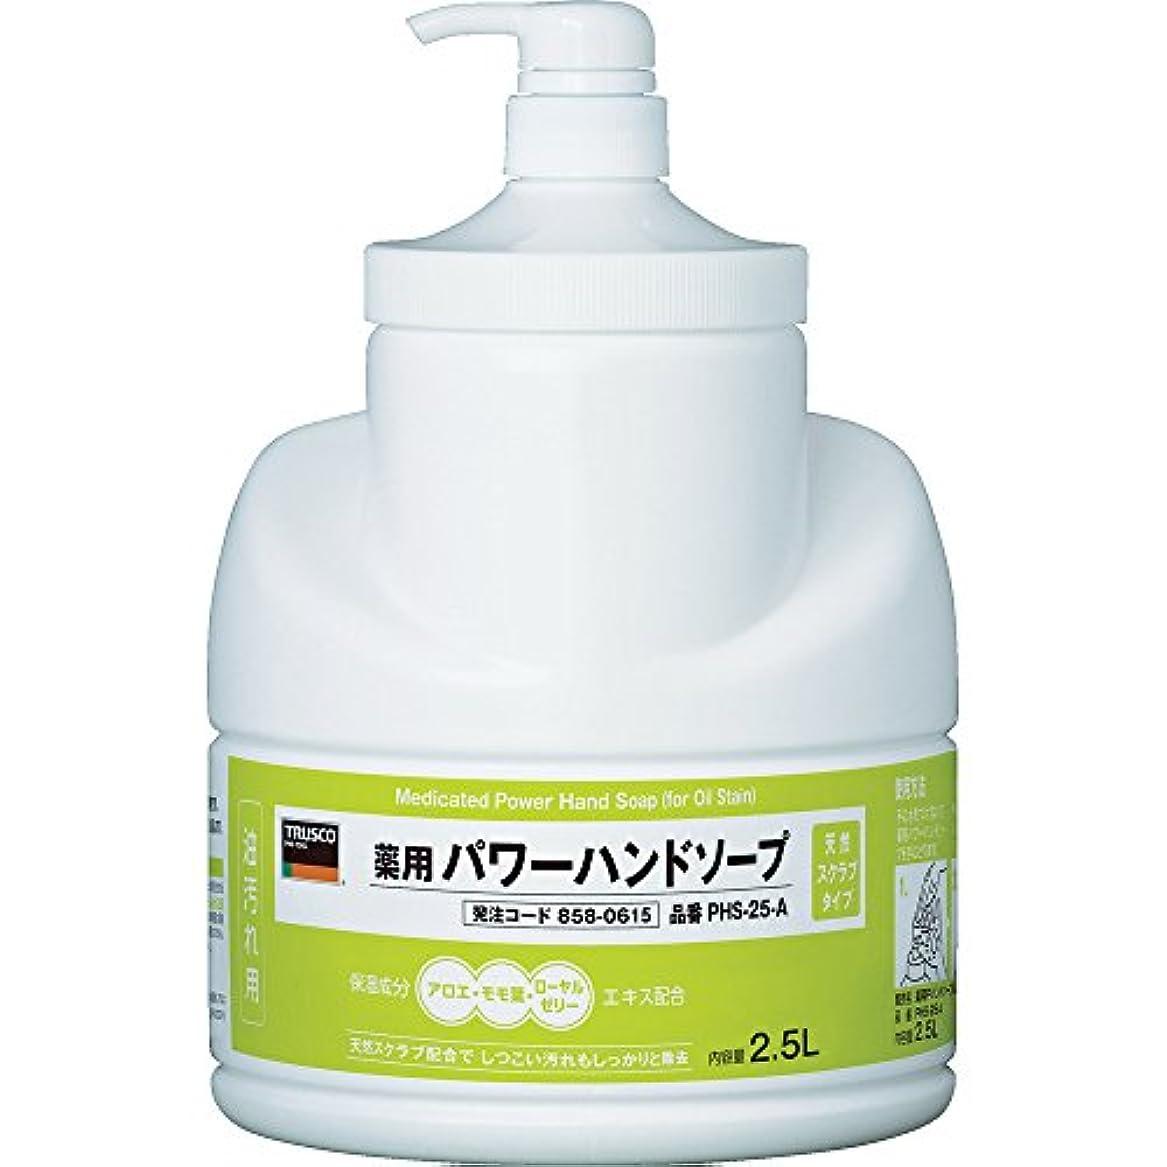 アーサーネット絶妙TRUSCO(トラスコ) 薬用パワーハンドソープポンプボトル 2.5L PHS-25-A